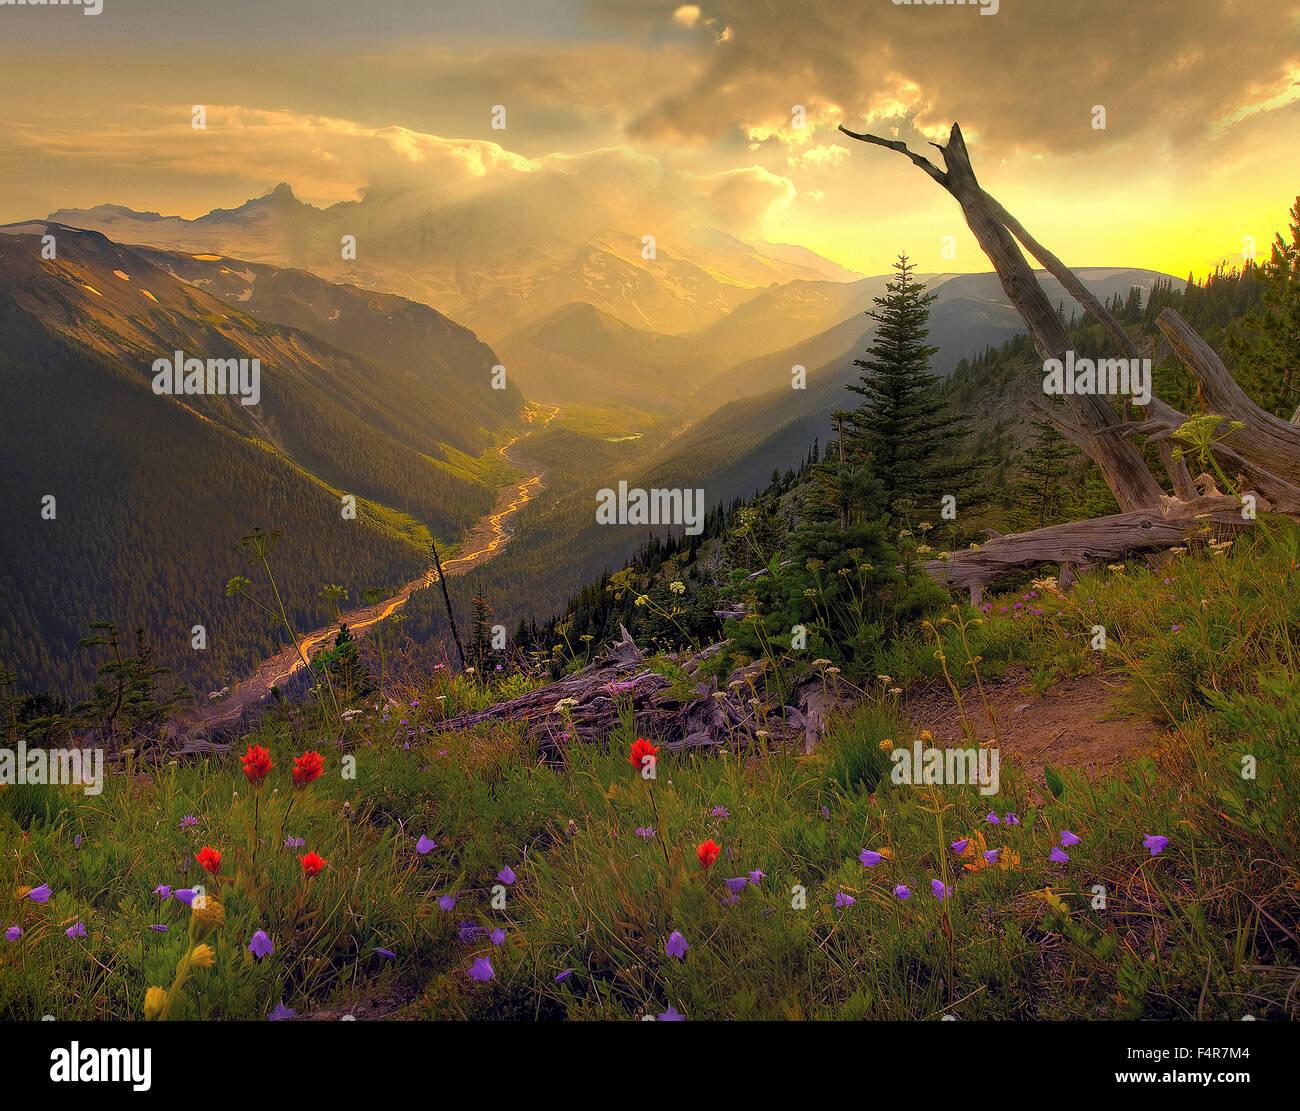 USA, United States, America, Pacific Northwest, Washington, Washington State, Mount Rainier, National Park, volcanic, - Stock Image